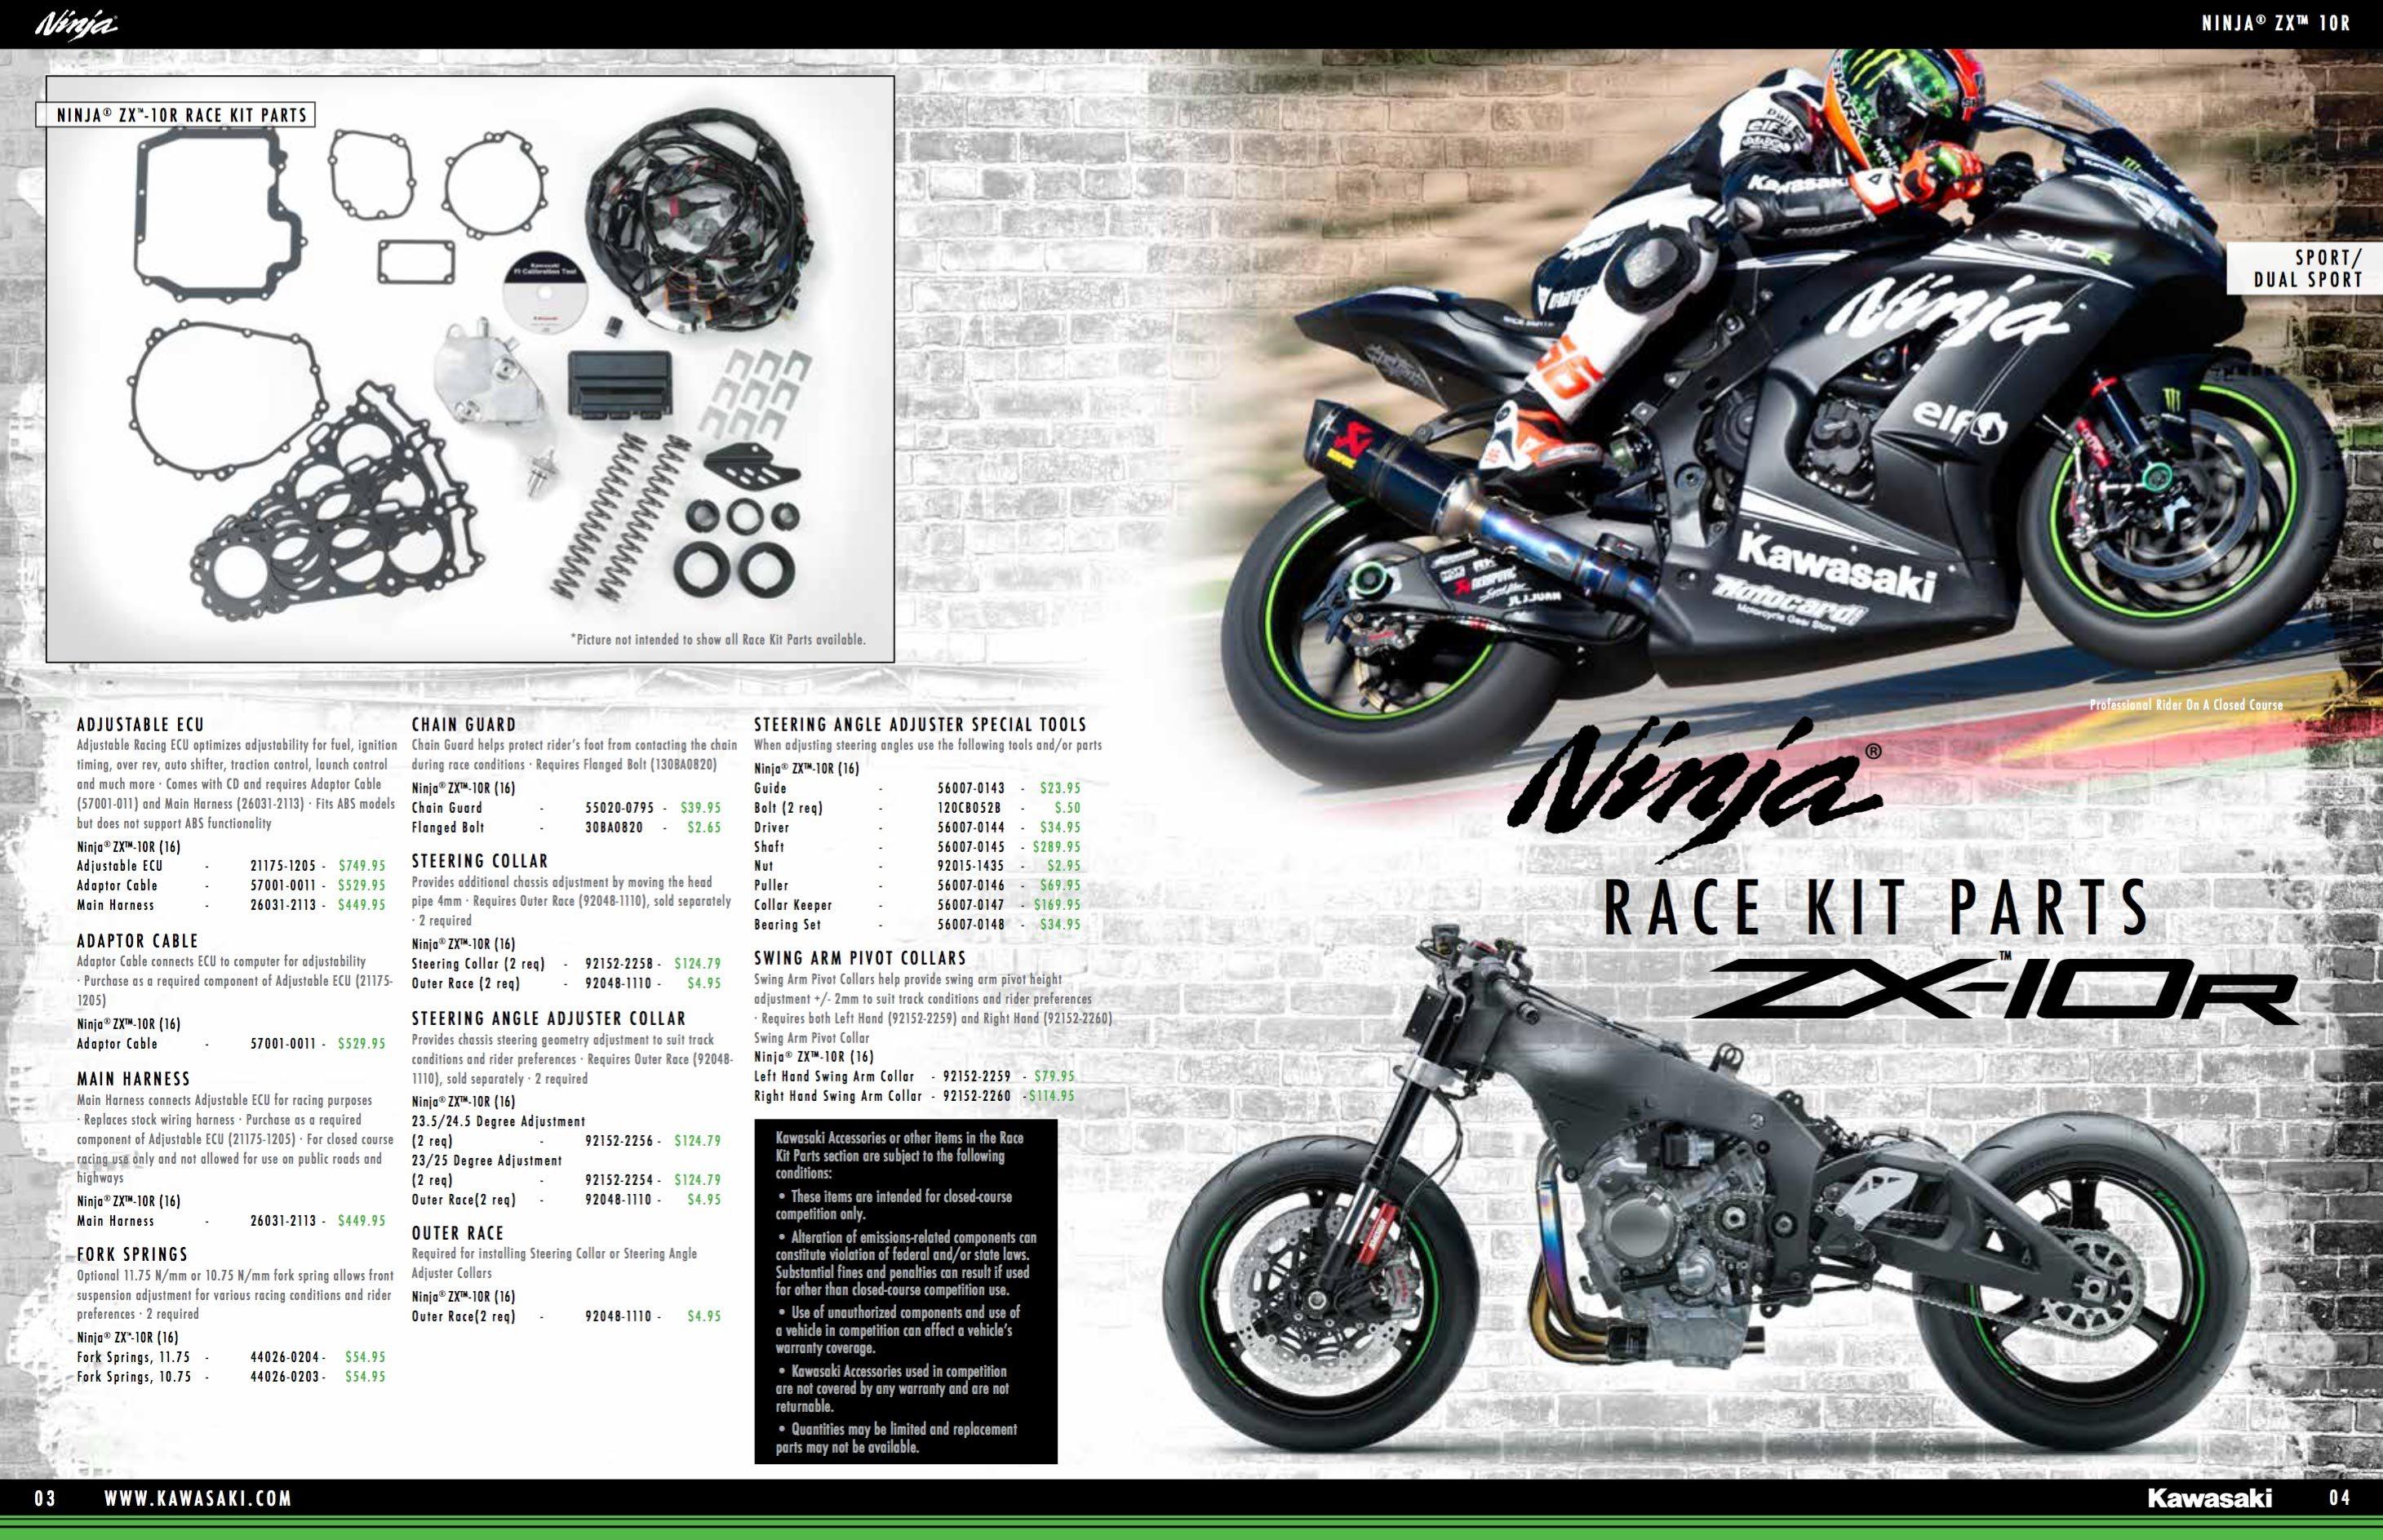 2016 Kawasaki Ninja Zx 10r Race Parts Kit 01 Bikesrepublic